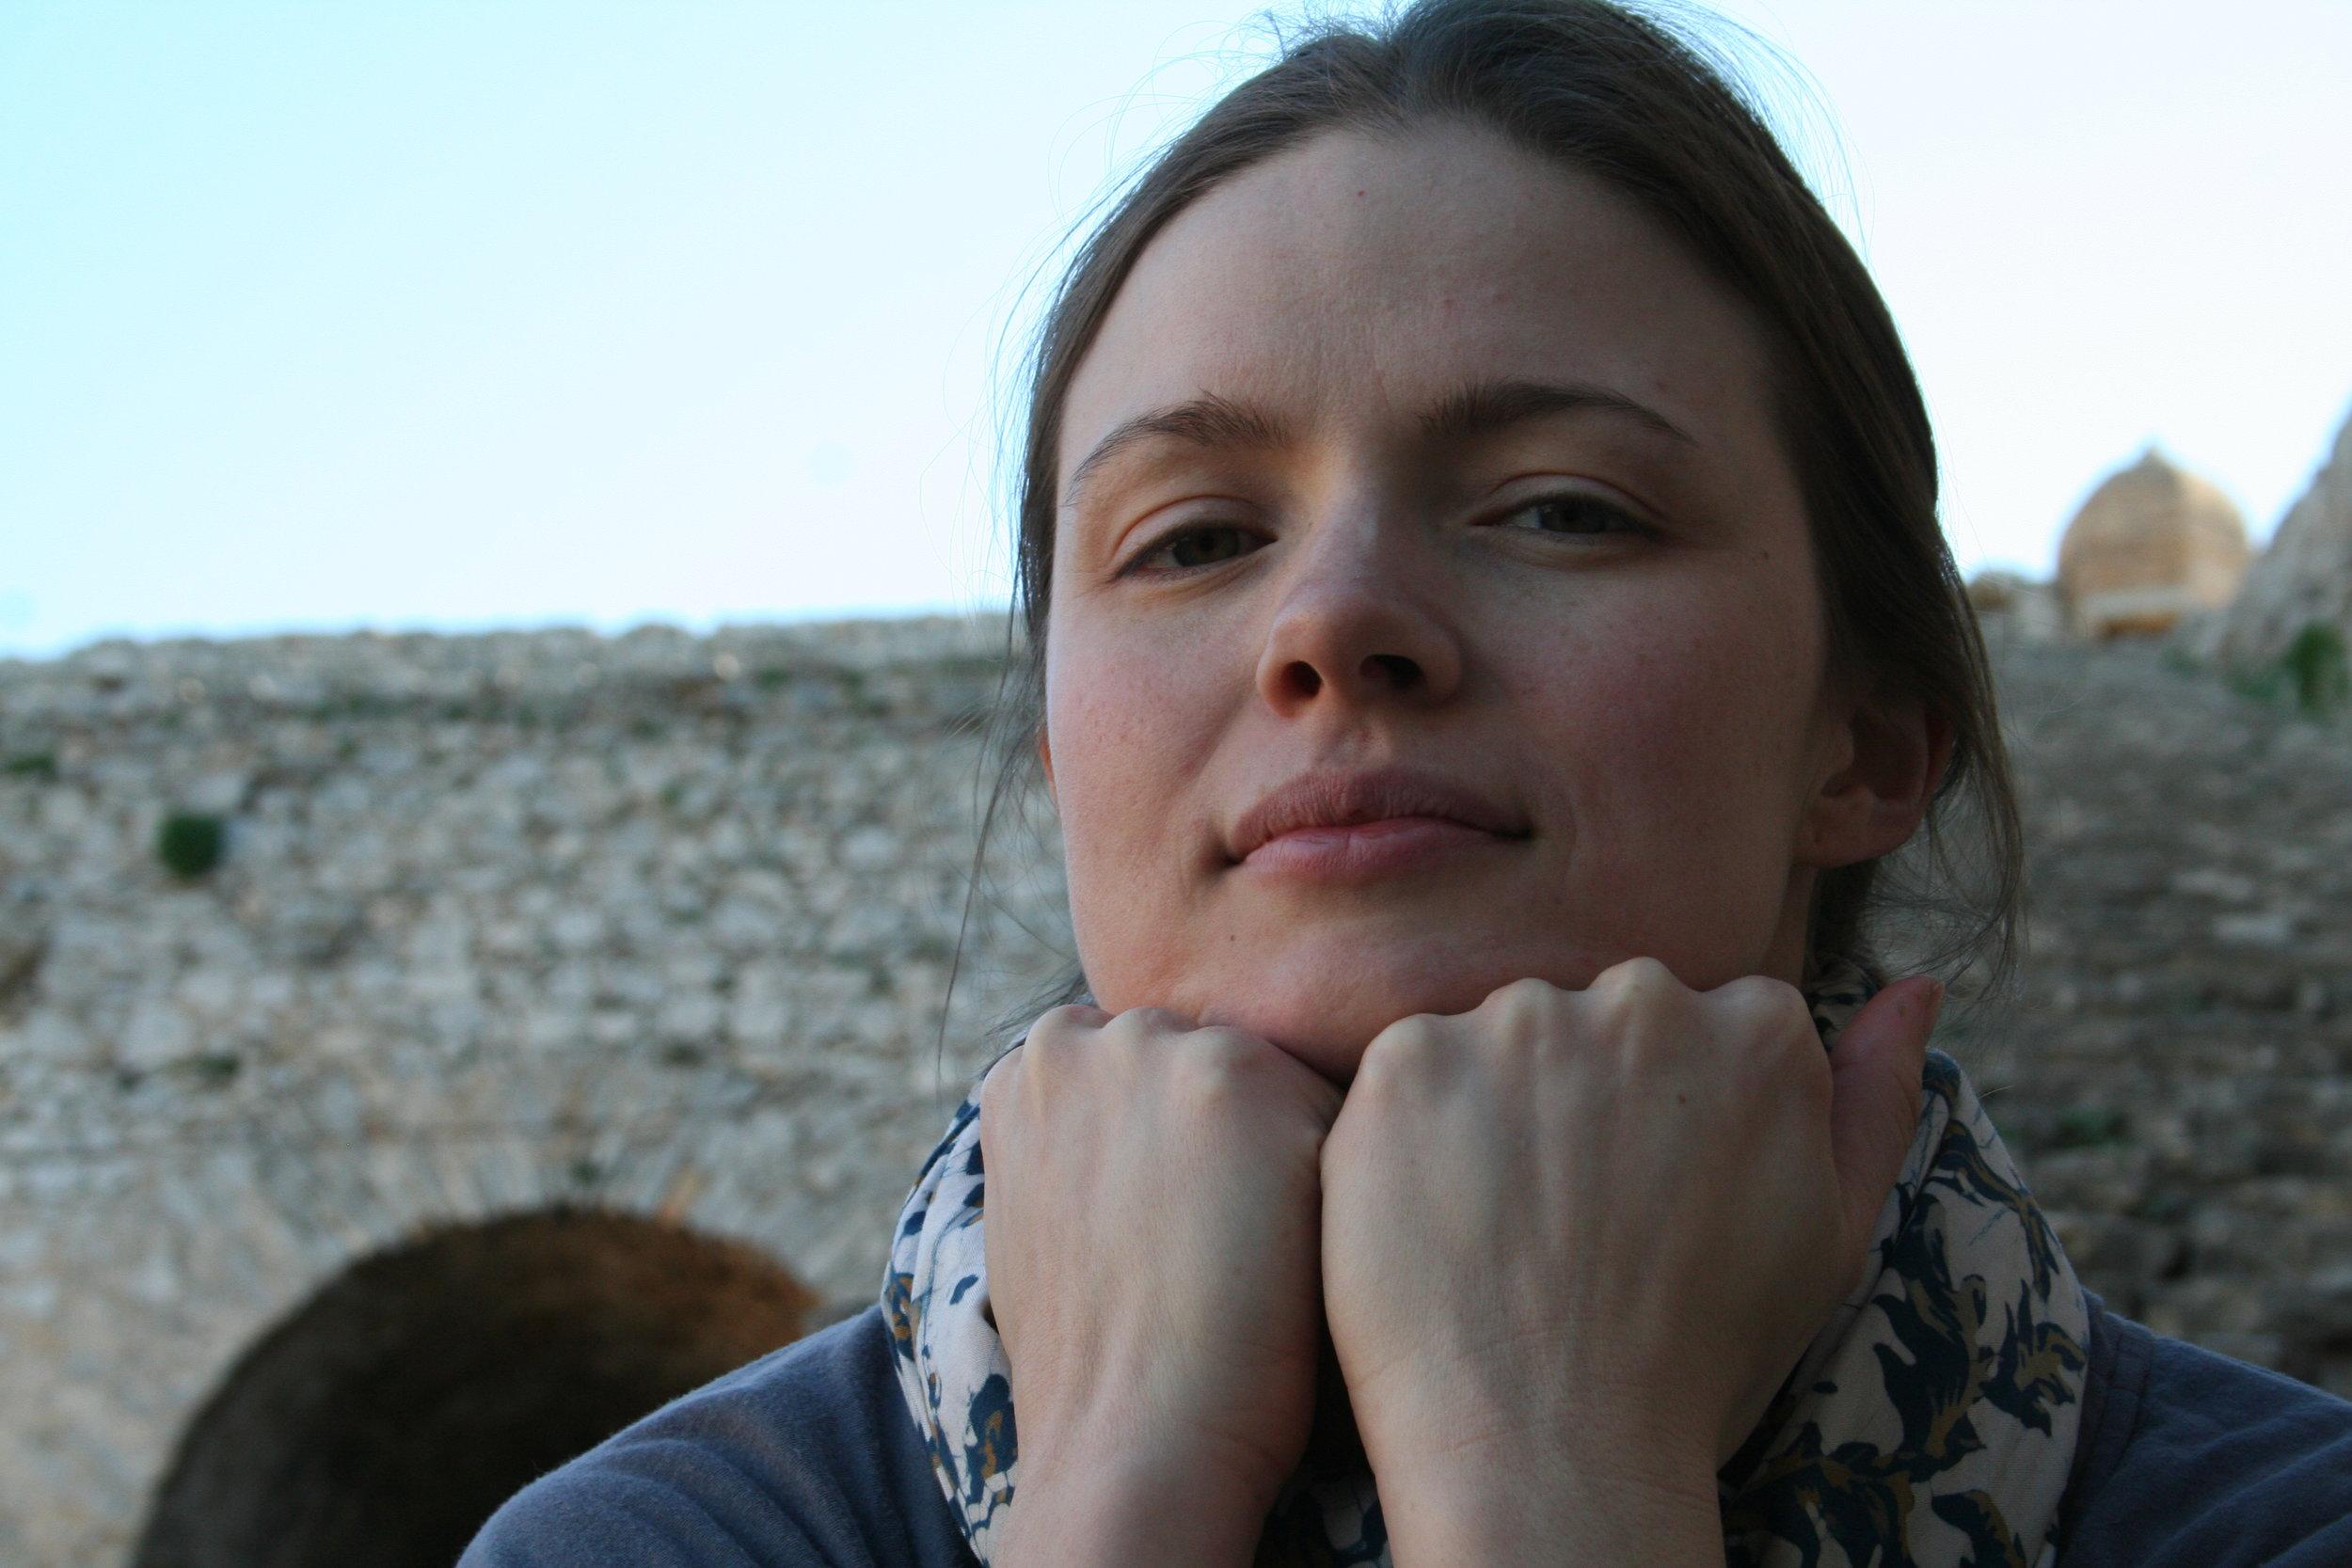 Jenica Halula photo by Wes Halula